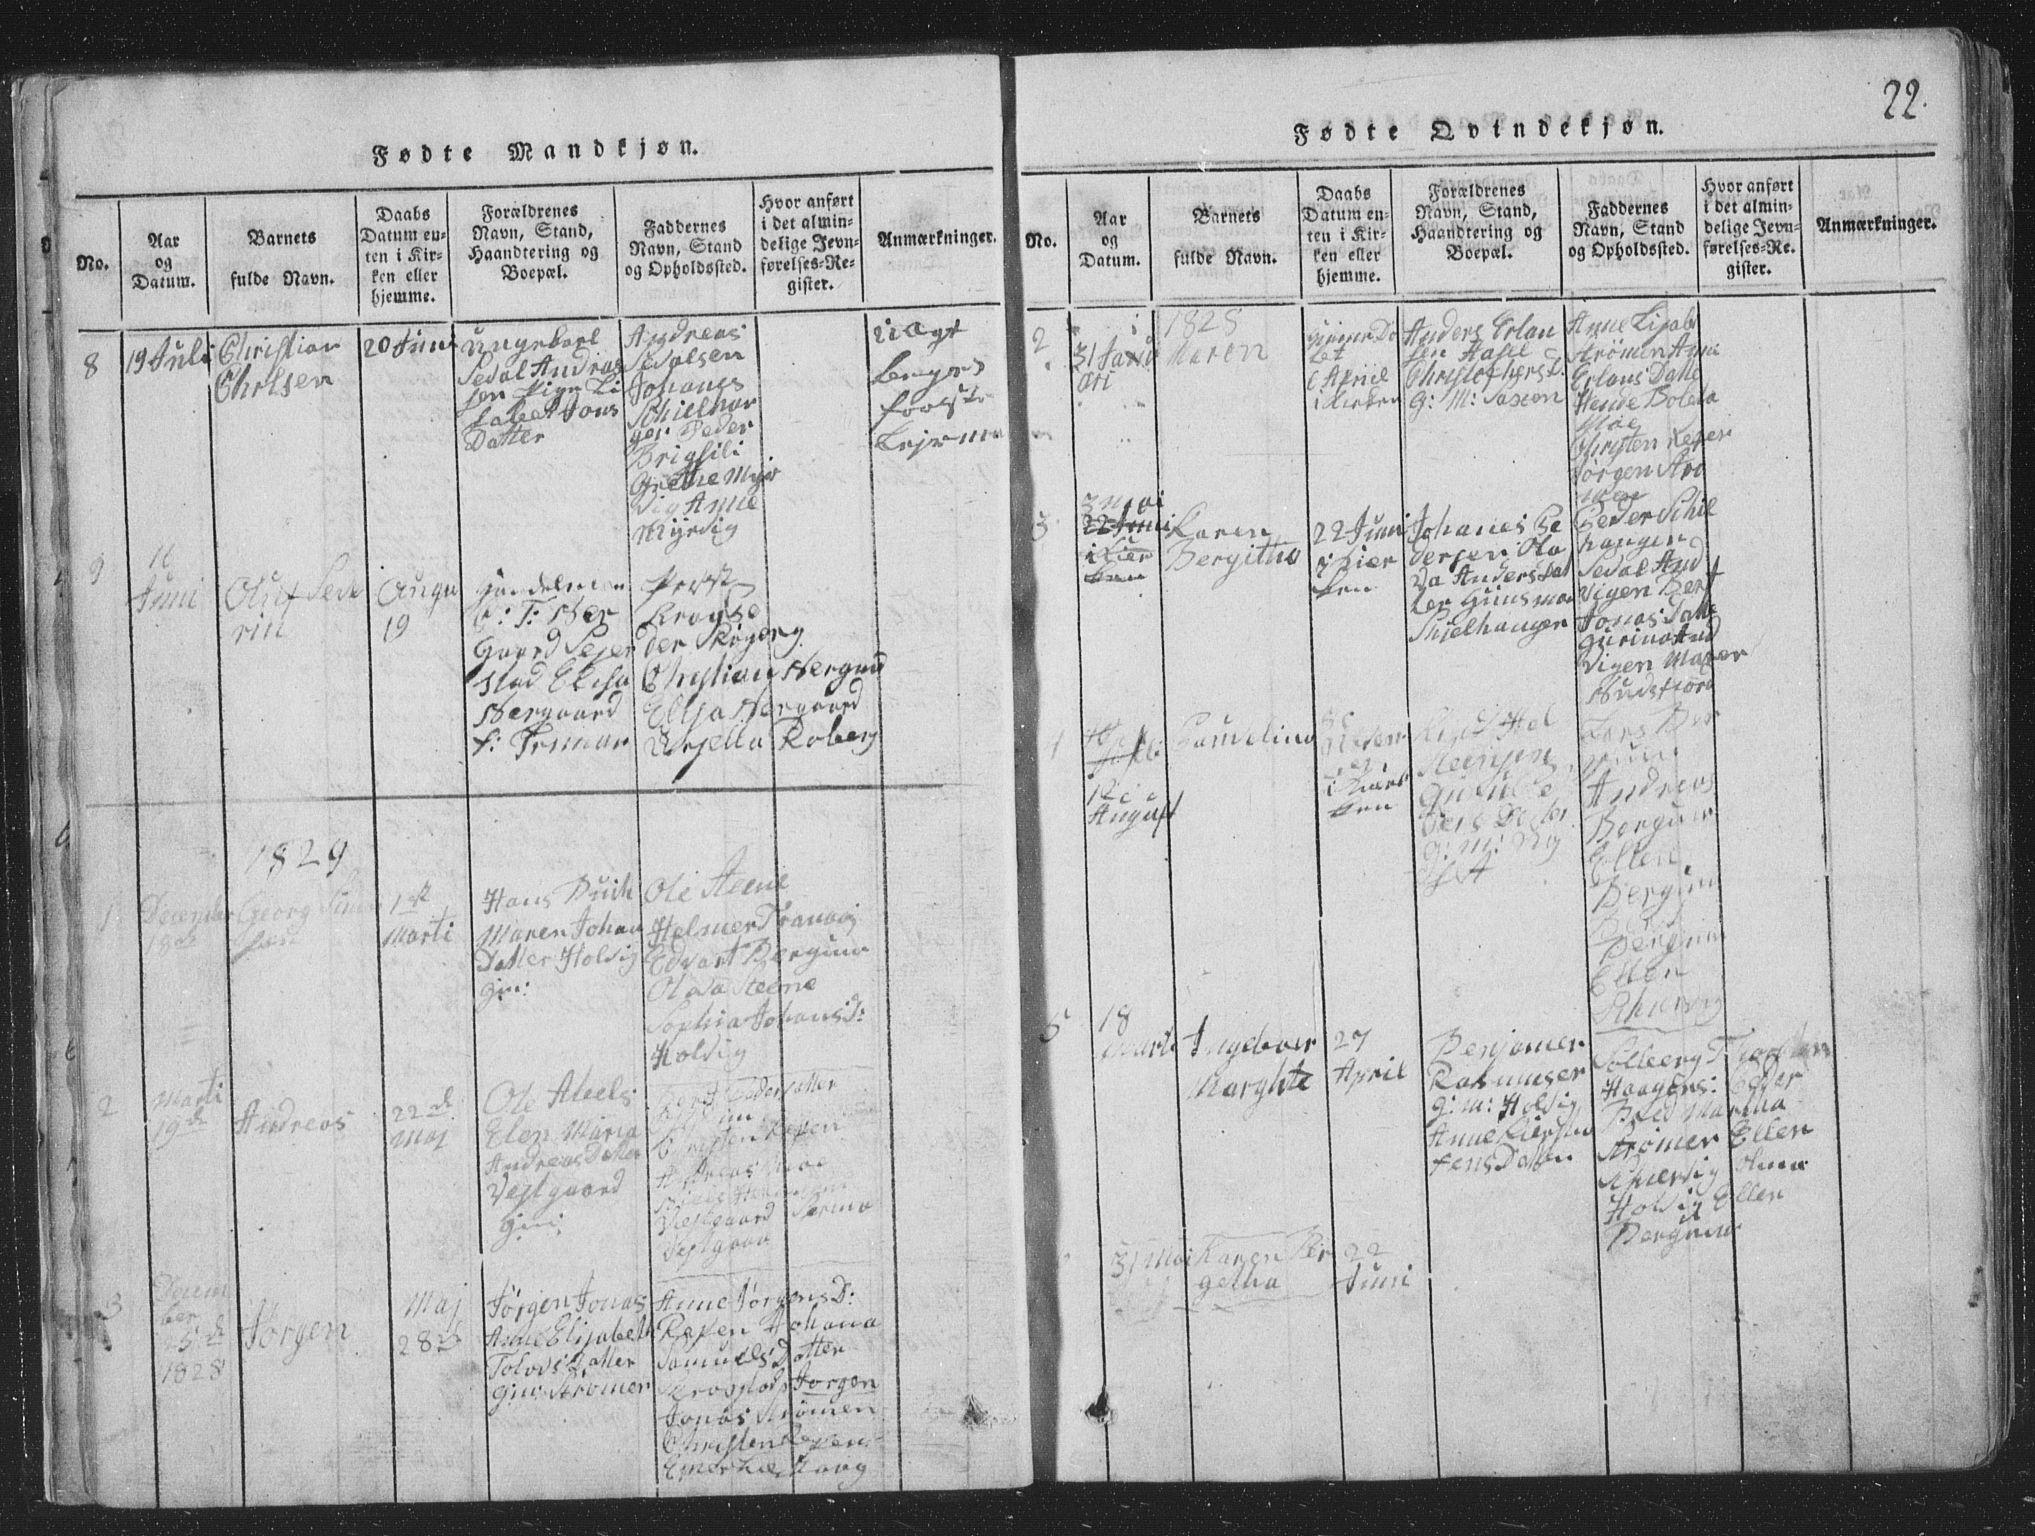 SAT, Ministerialprotokoller, klokkerbøker og fødselsregistre - Nord-Trøndelag, 773/L0613: Ministerialbok nr. 773A04, 1815-1845, s. 22